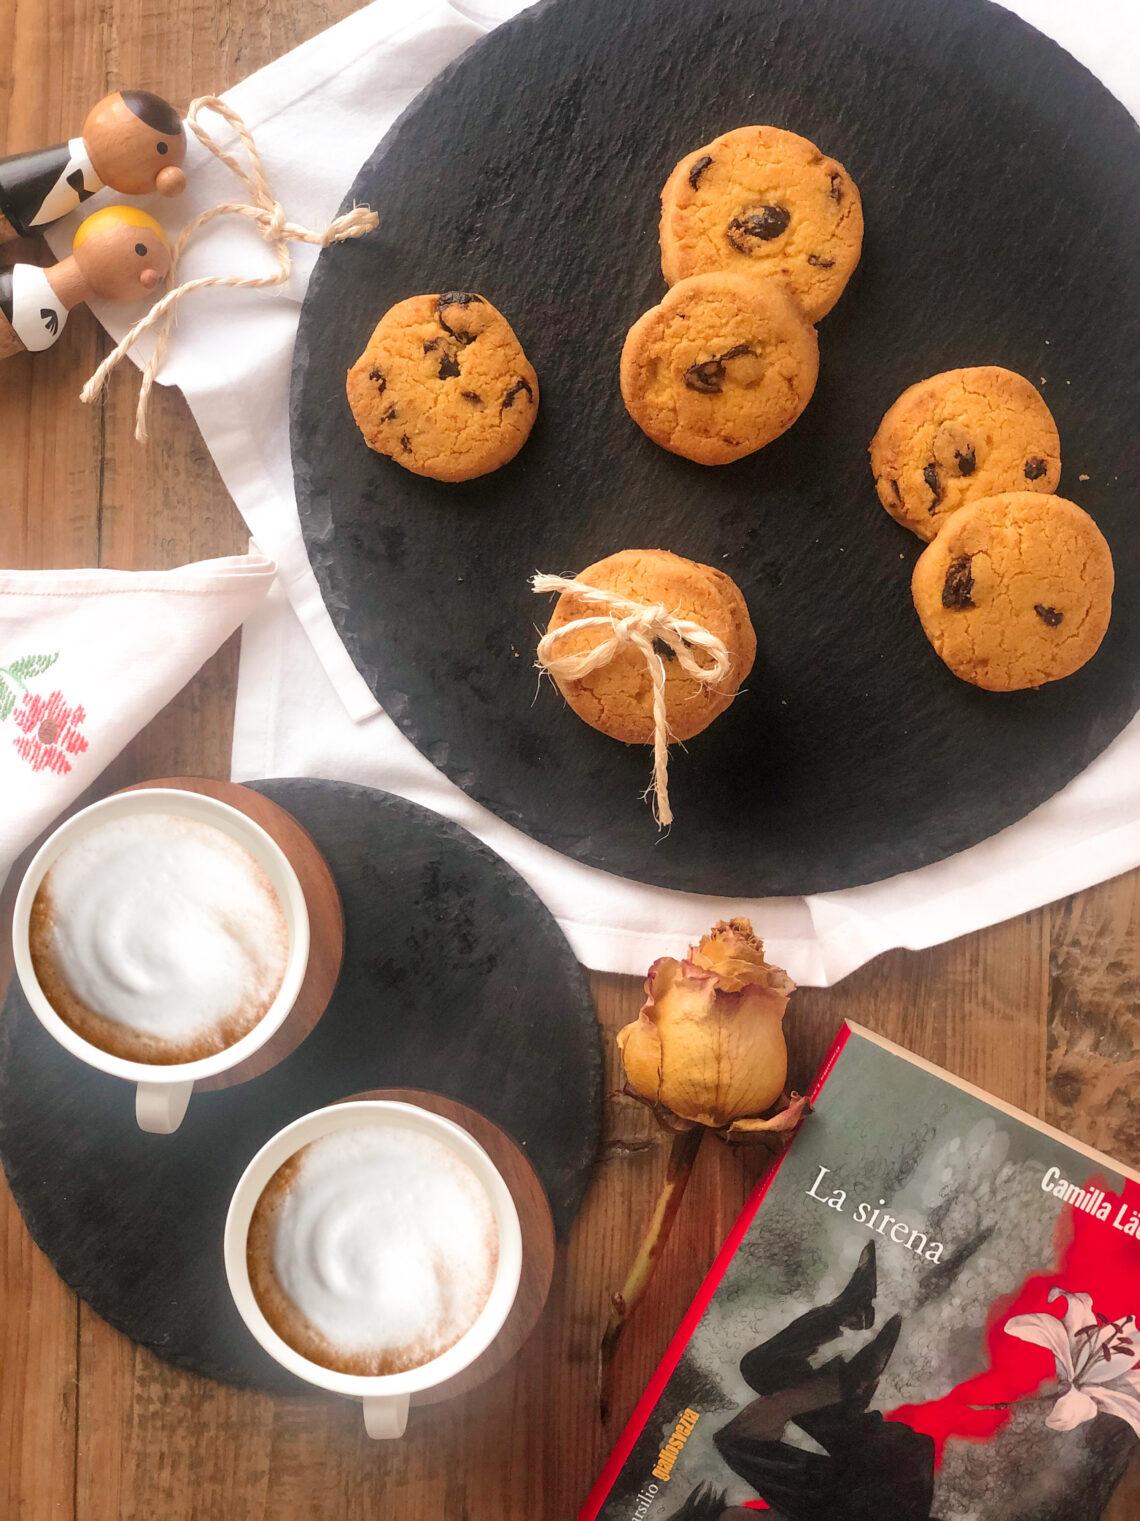 Zaleti, biscotti rustici della tradizione veneta, con farina di mais fioretto e farina di riso integrale, senza lattosio, con burro chiarificato